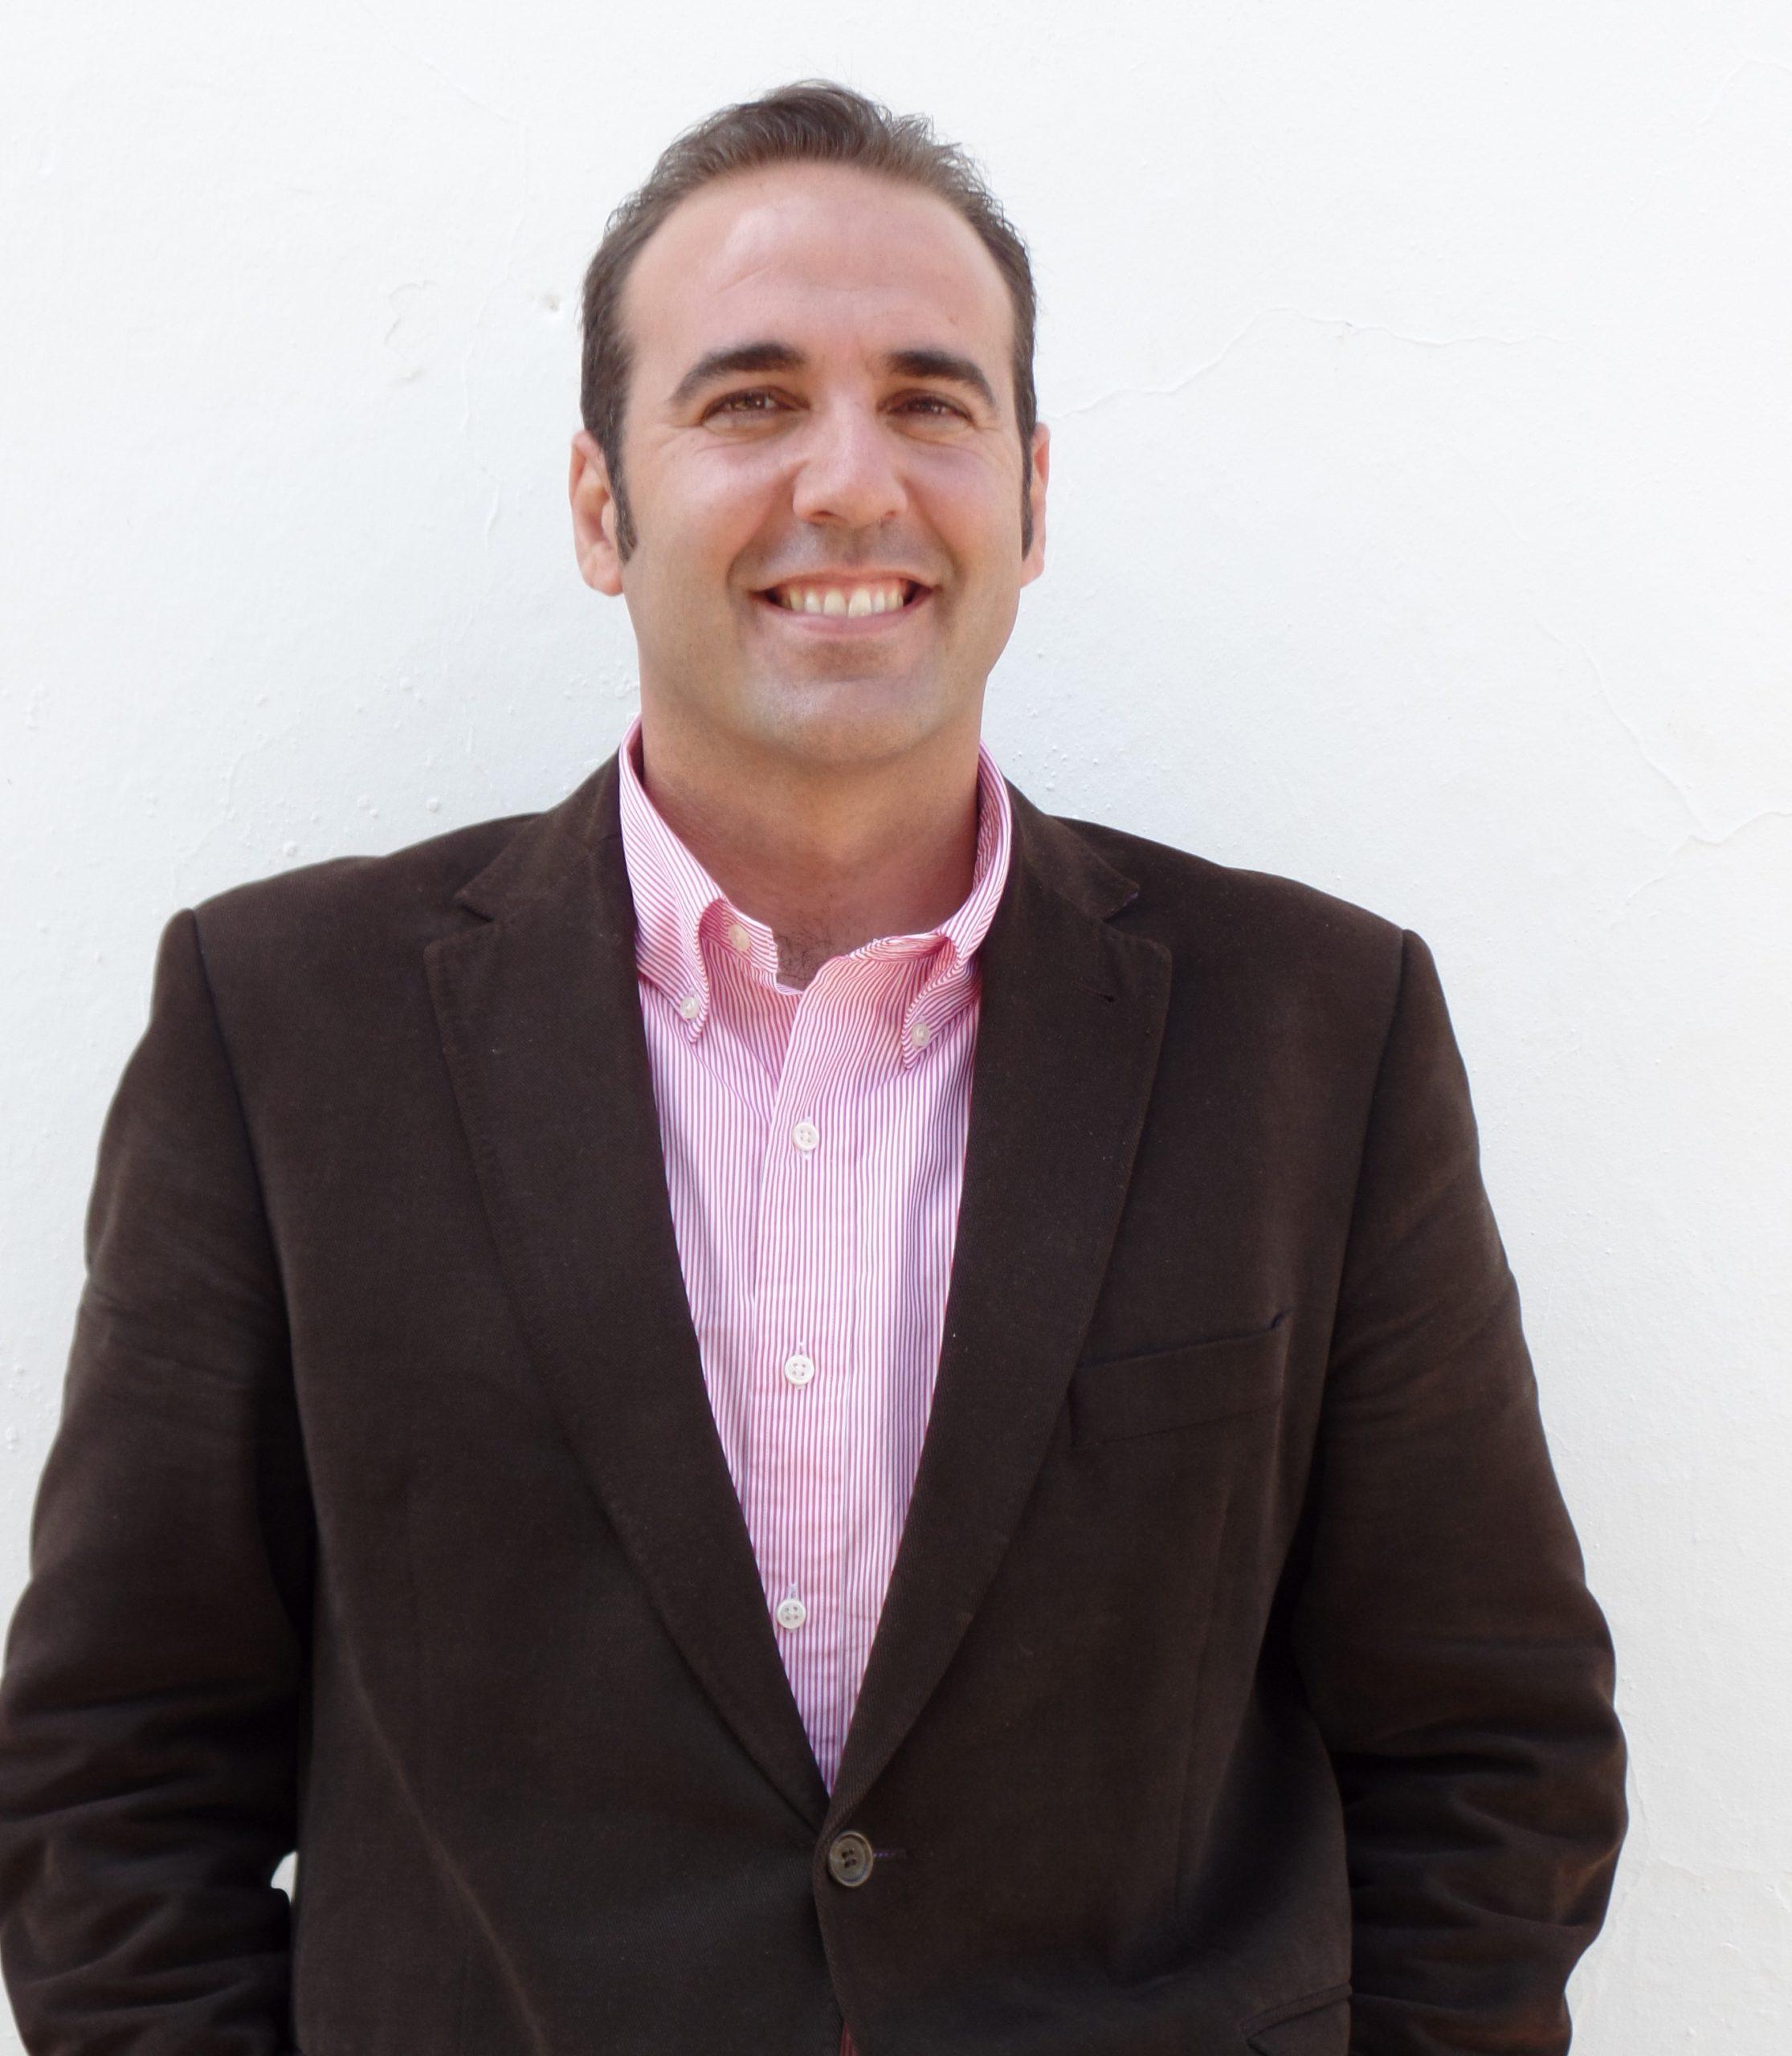 Francisco Javier Puertas Gracia